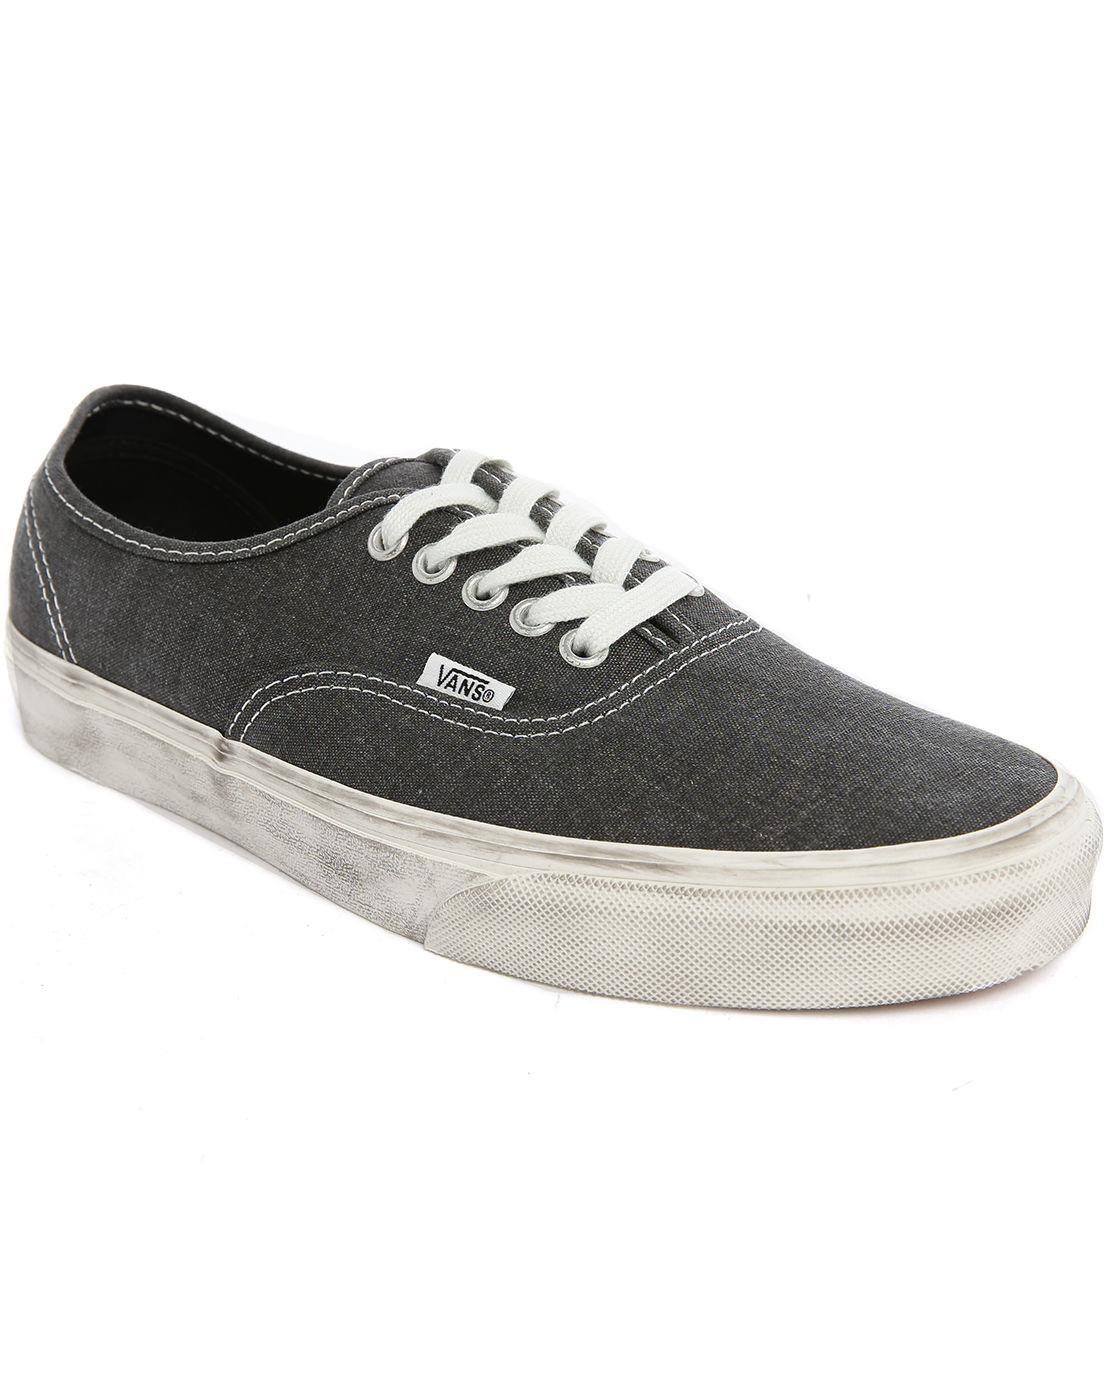 Vans Shoes Bolingbrook